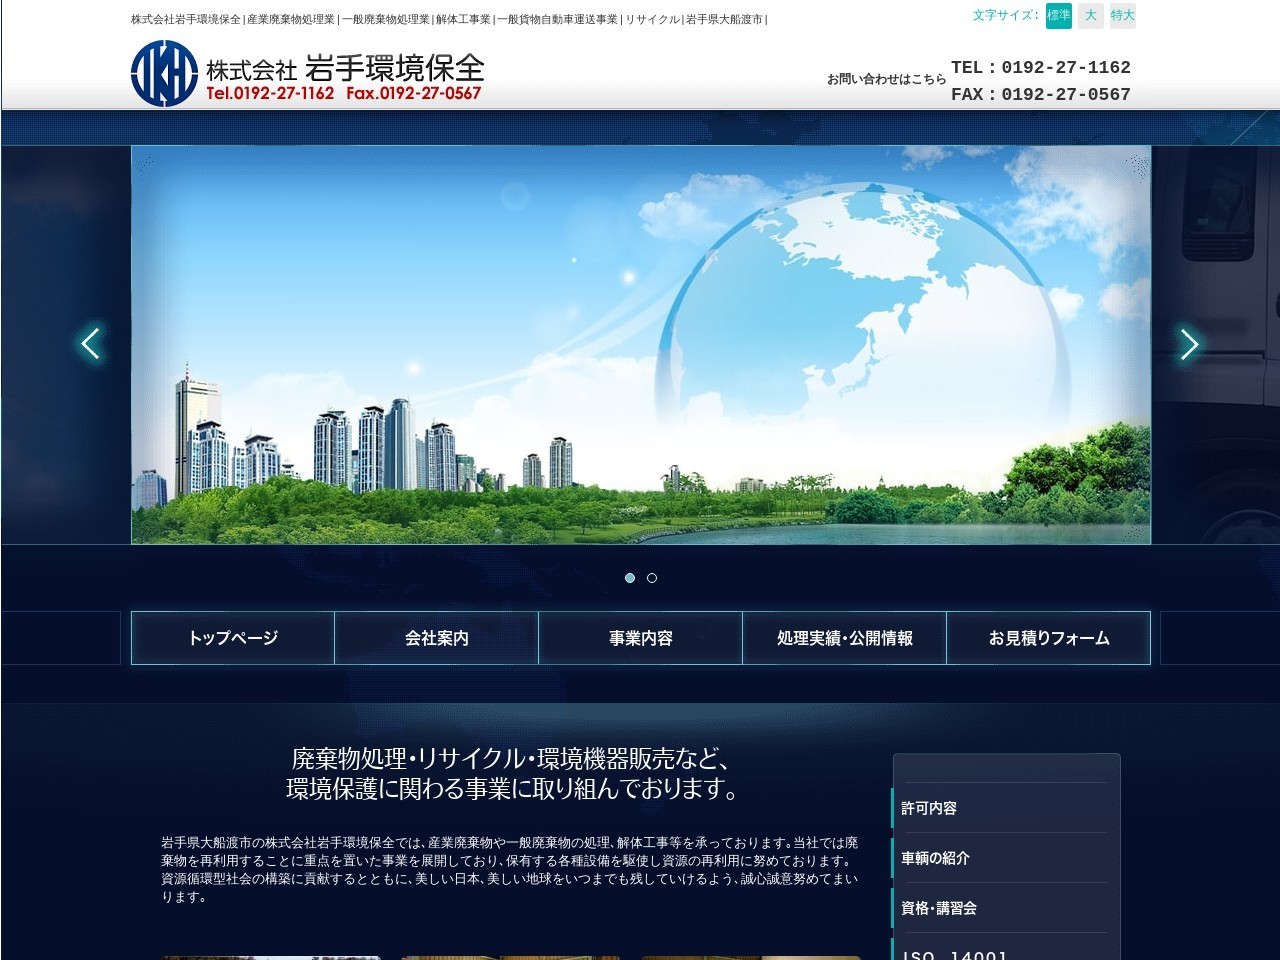 株式会社岩手環境保全